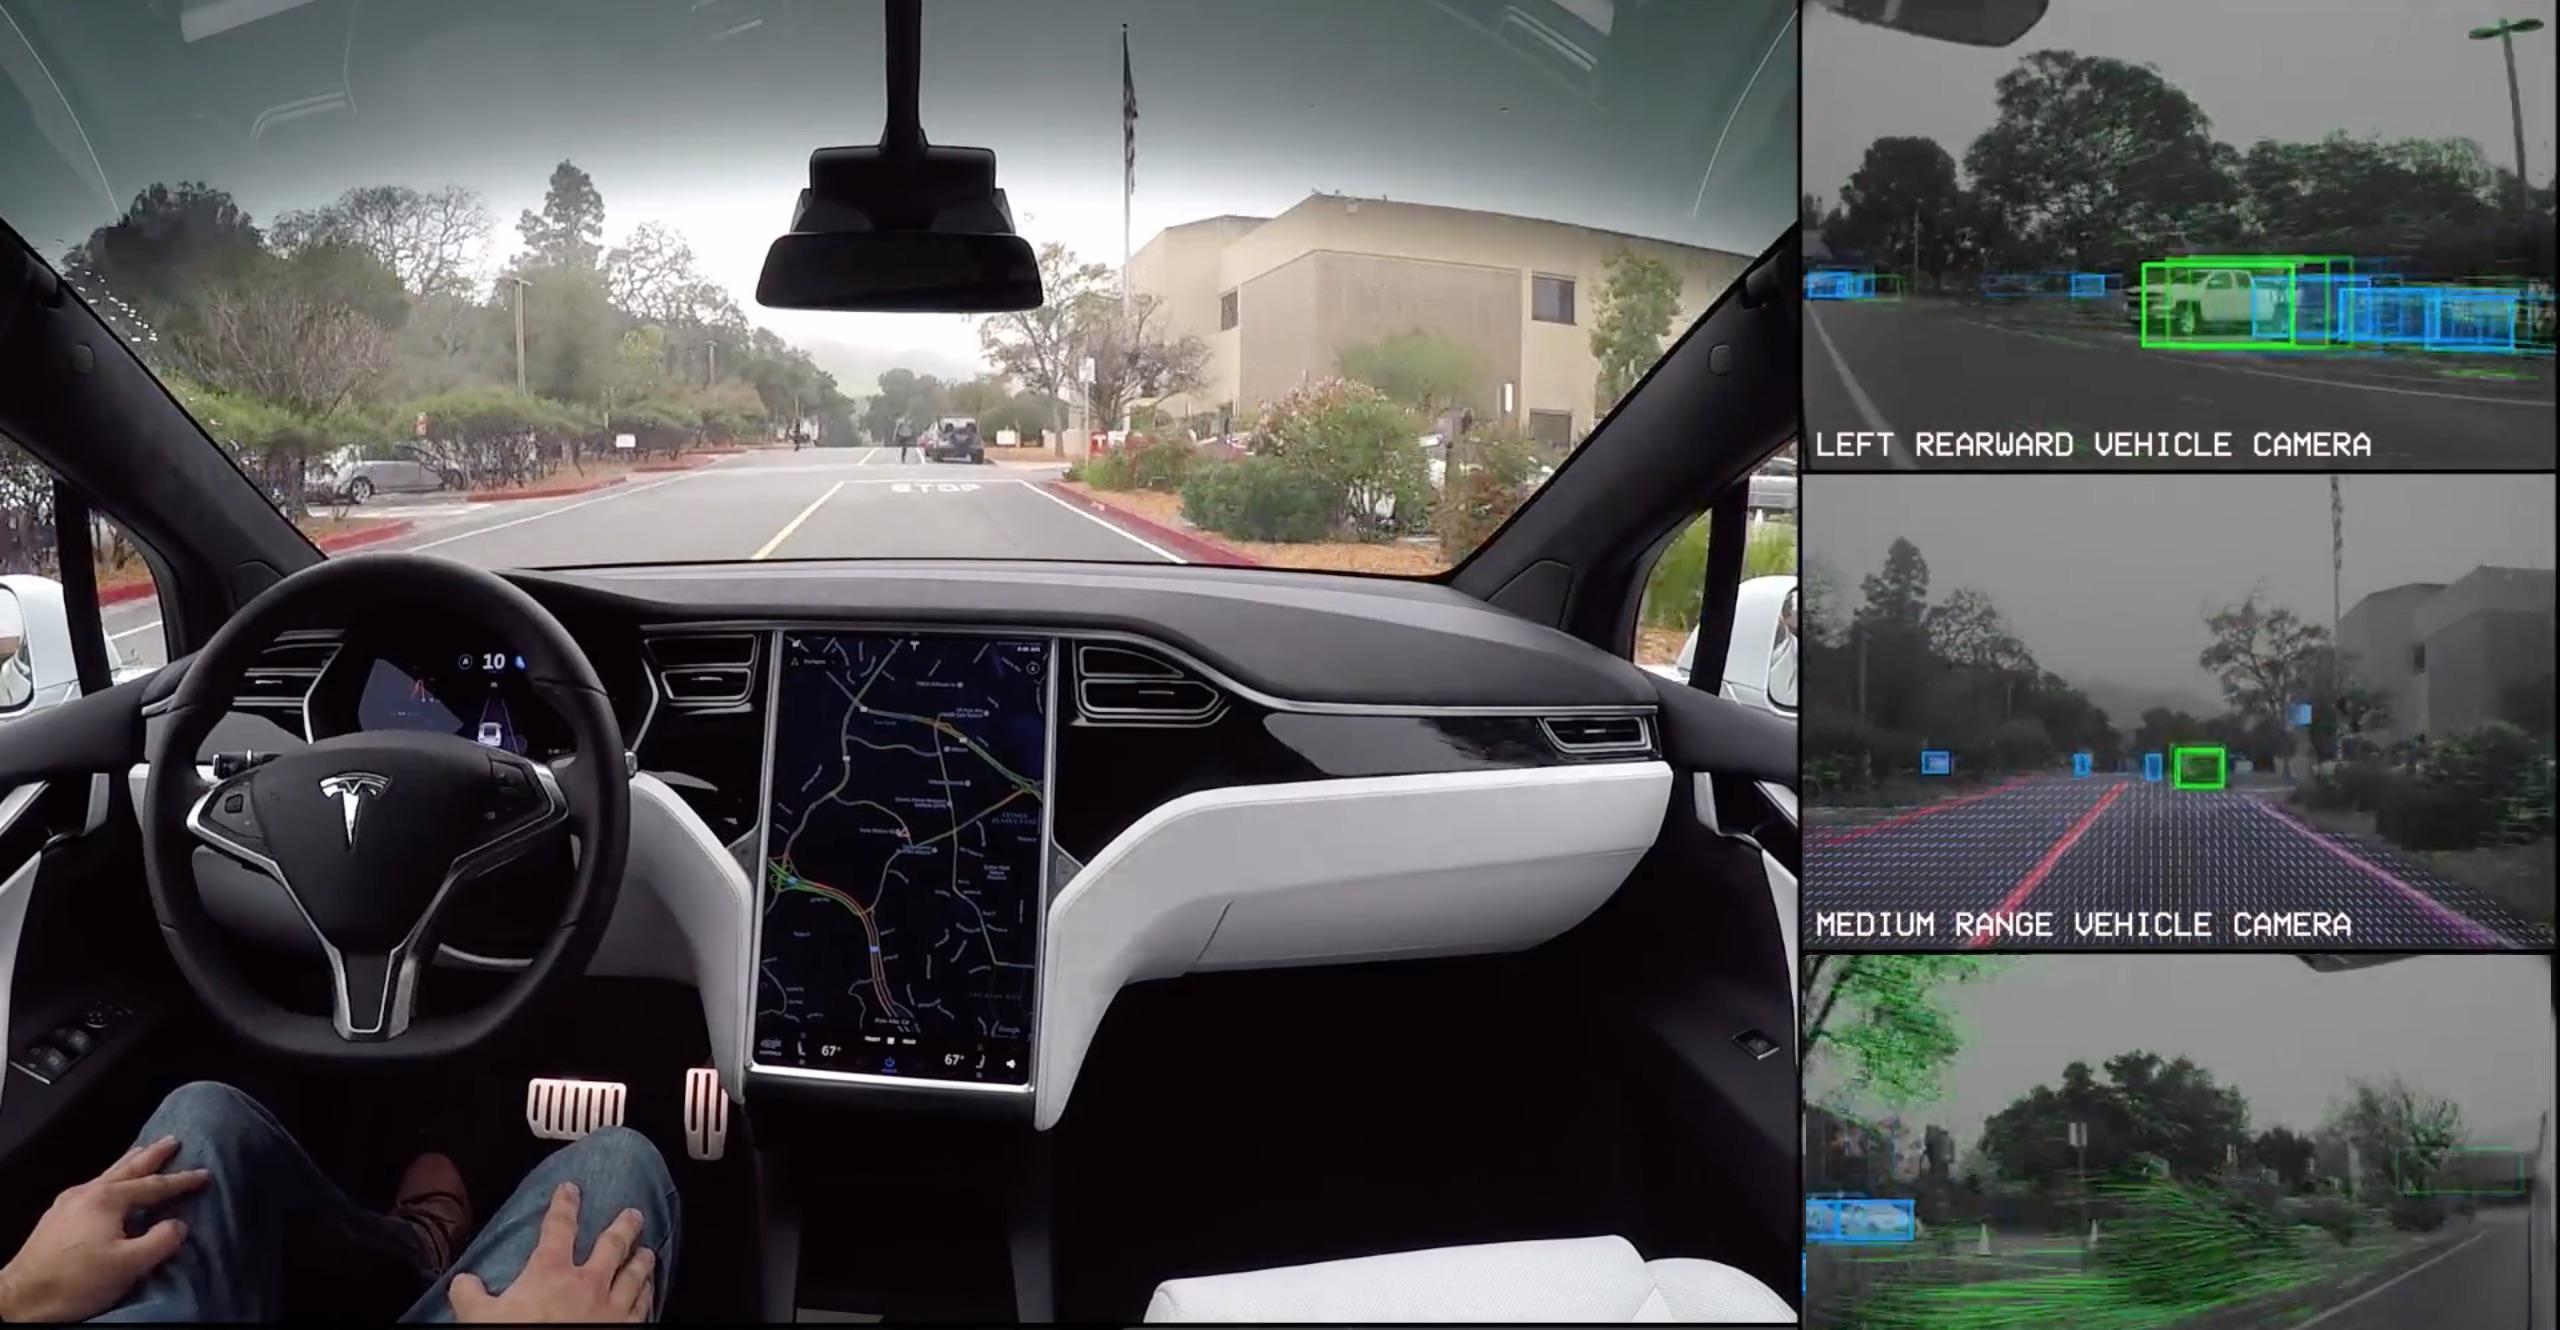 سرمایه گذاری 40 میلیارد دلاری فولکس واگن برای ساخت خودروهای خودران